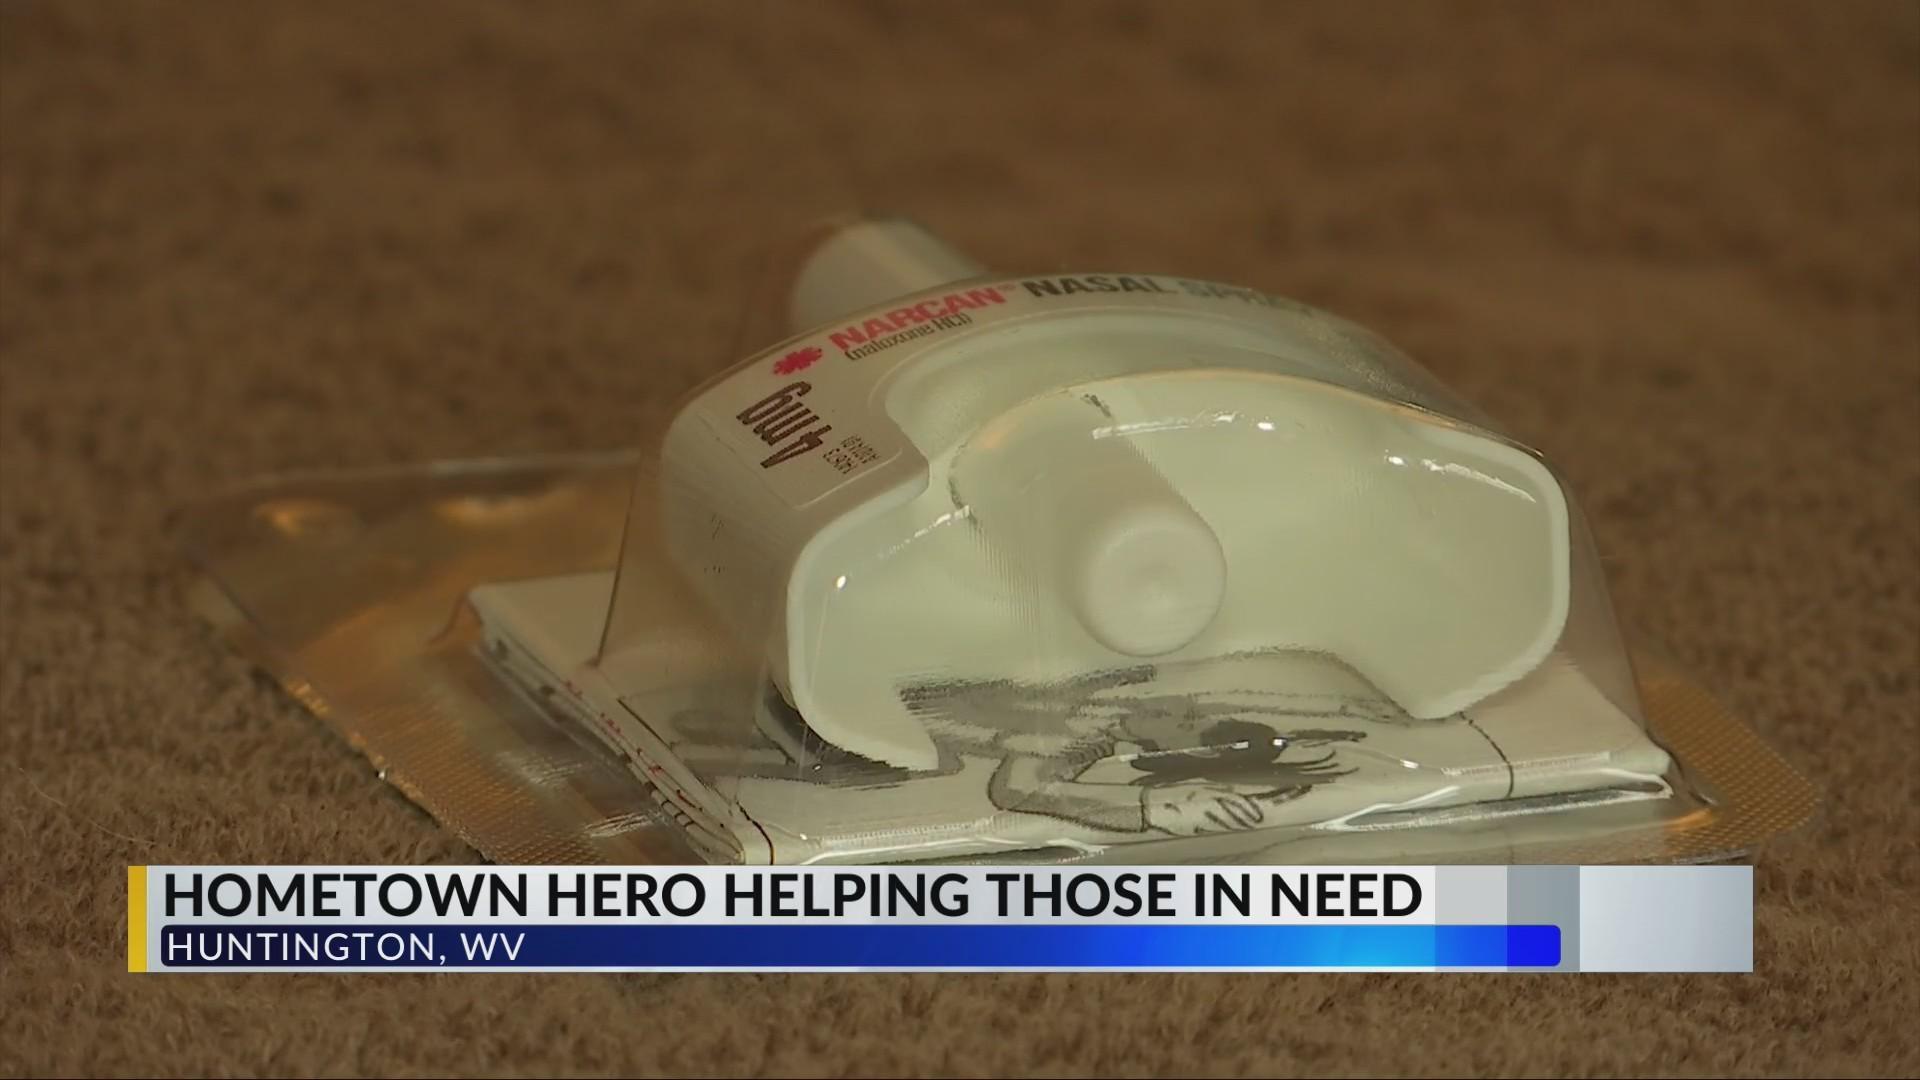 Hometown Hero Helping Those in Need